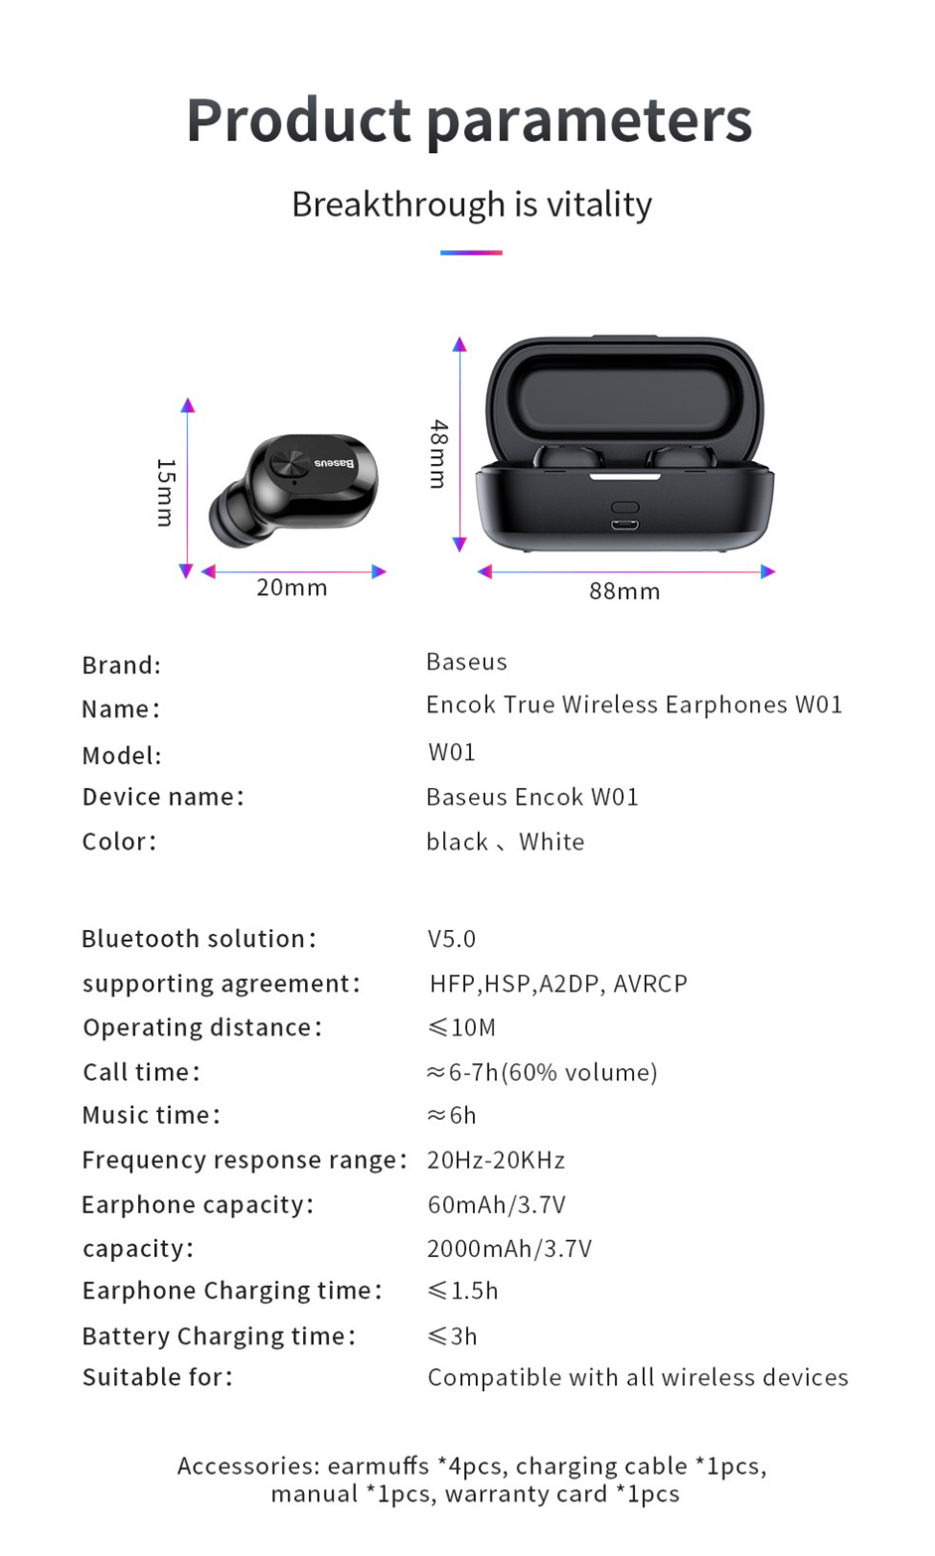 купити Baseus W01 в україні